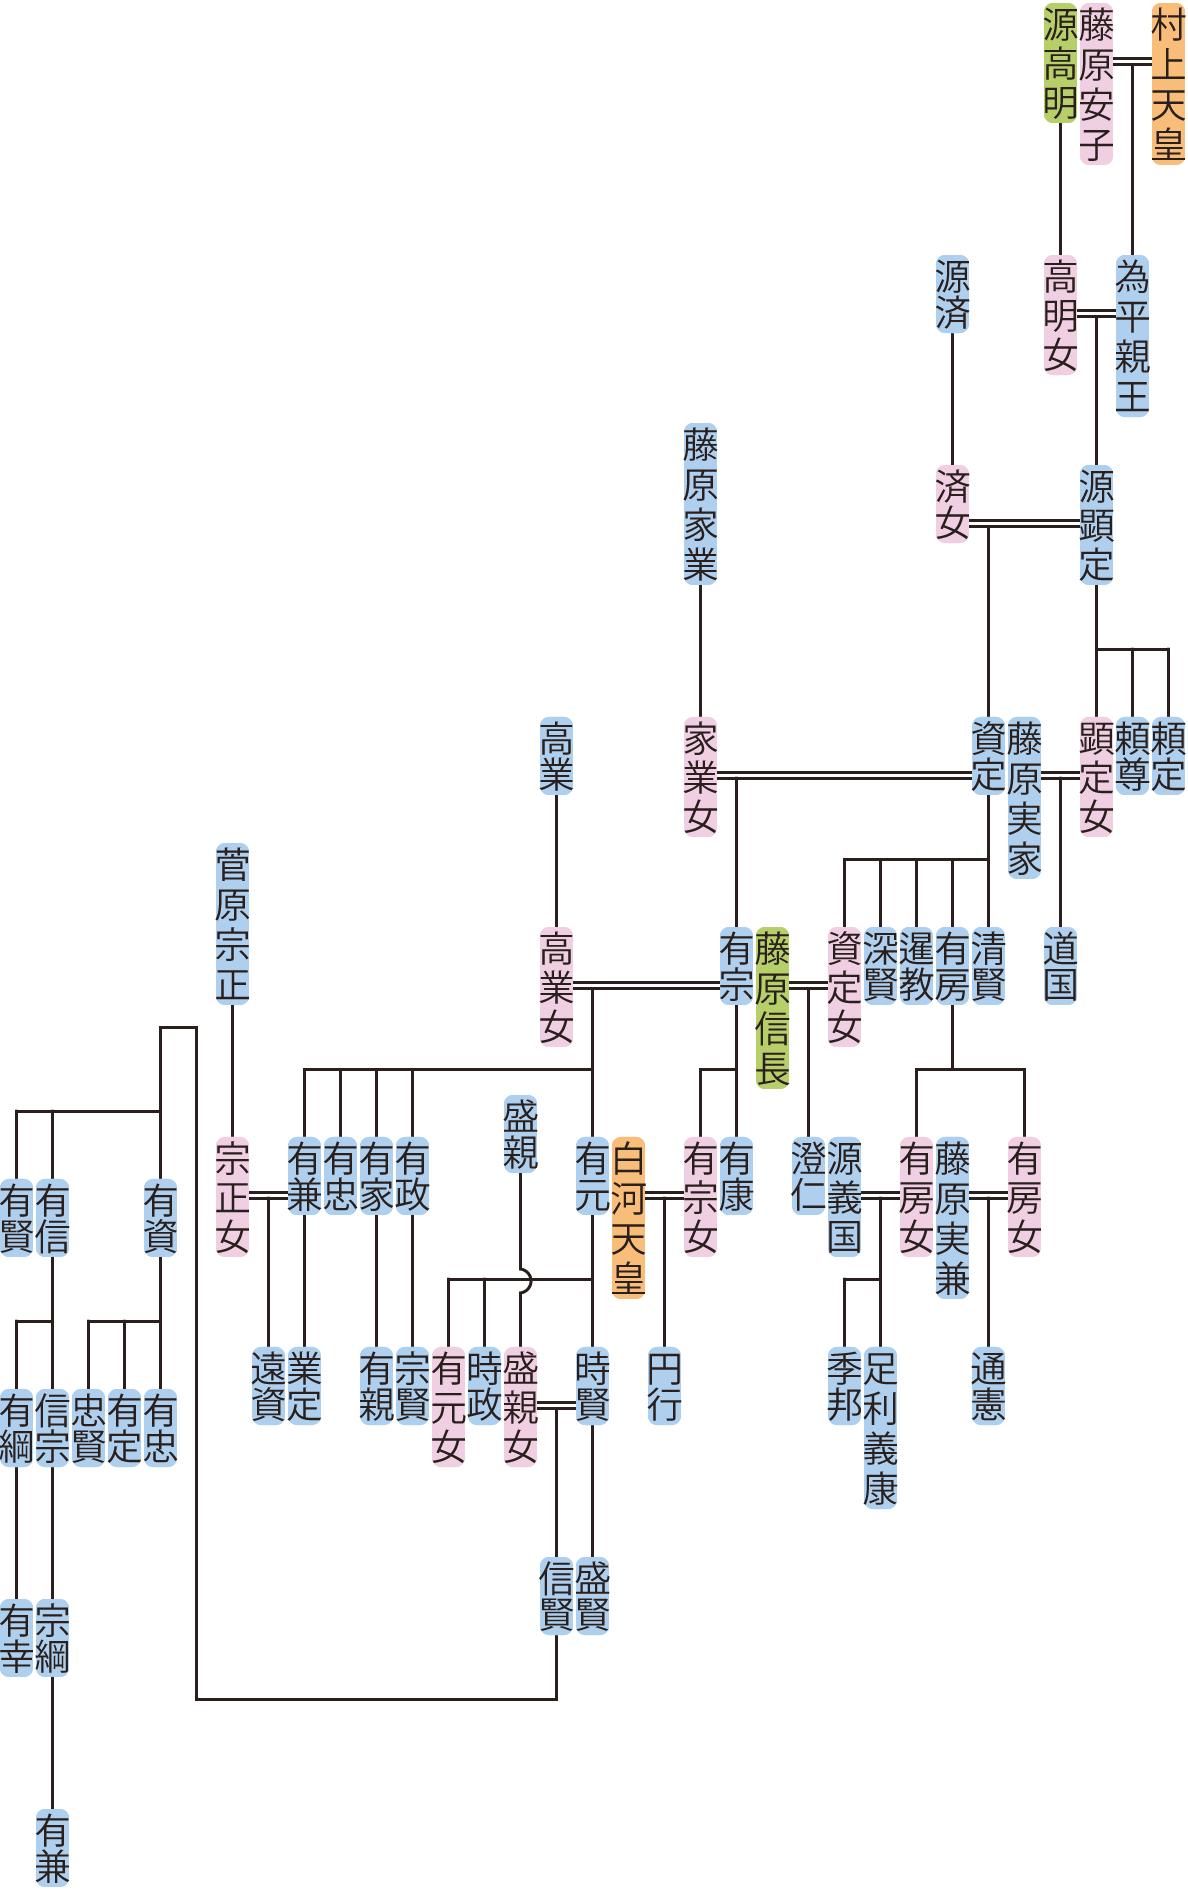 源顕定の系図